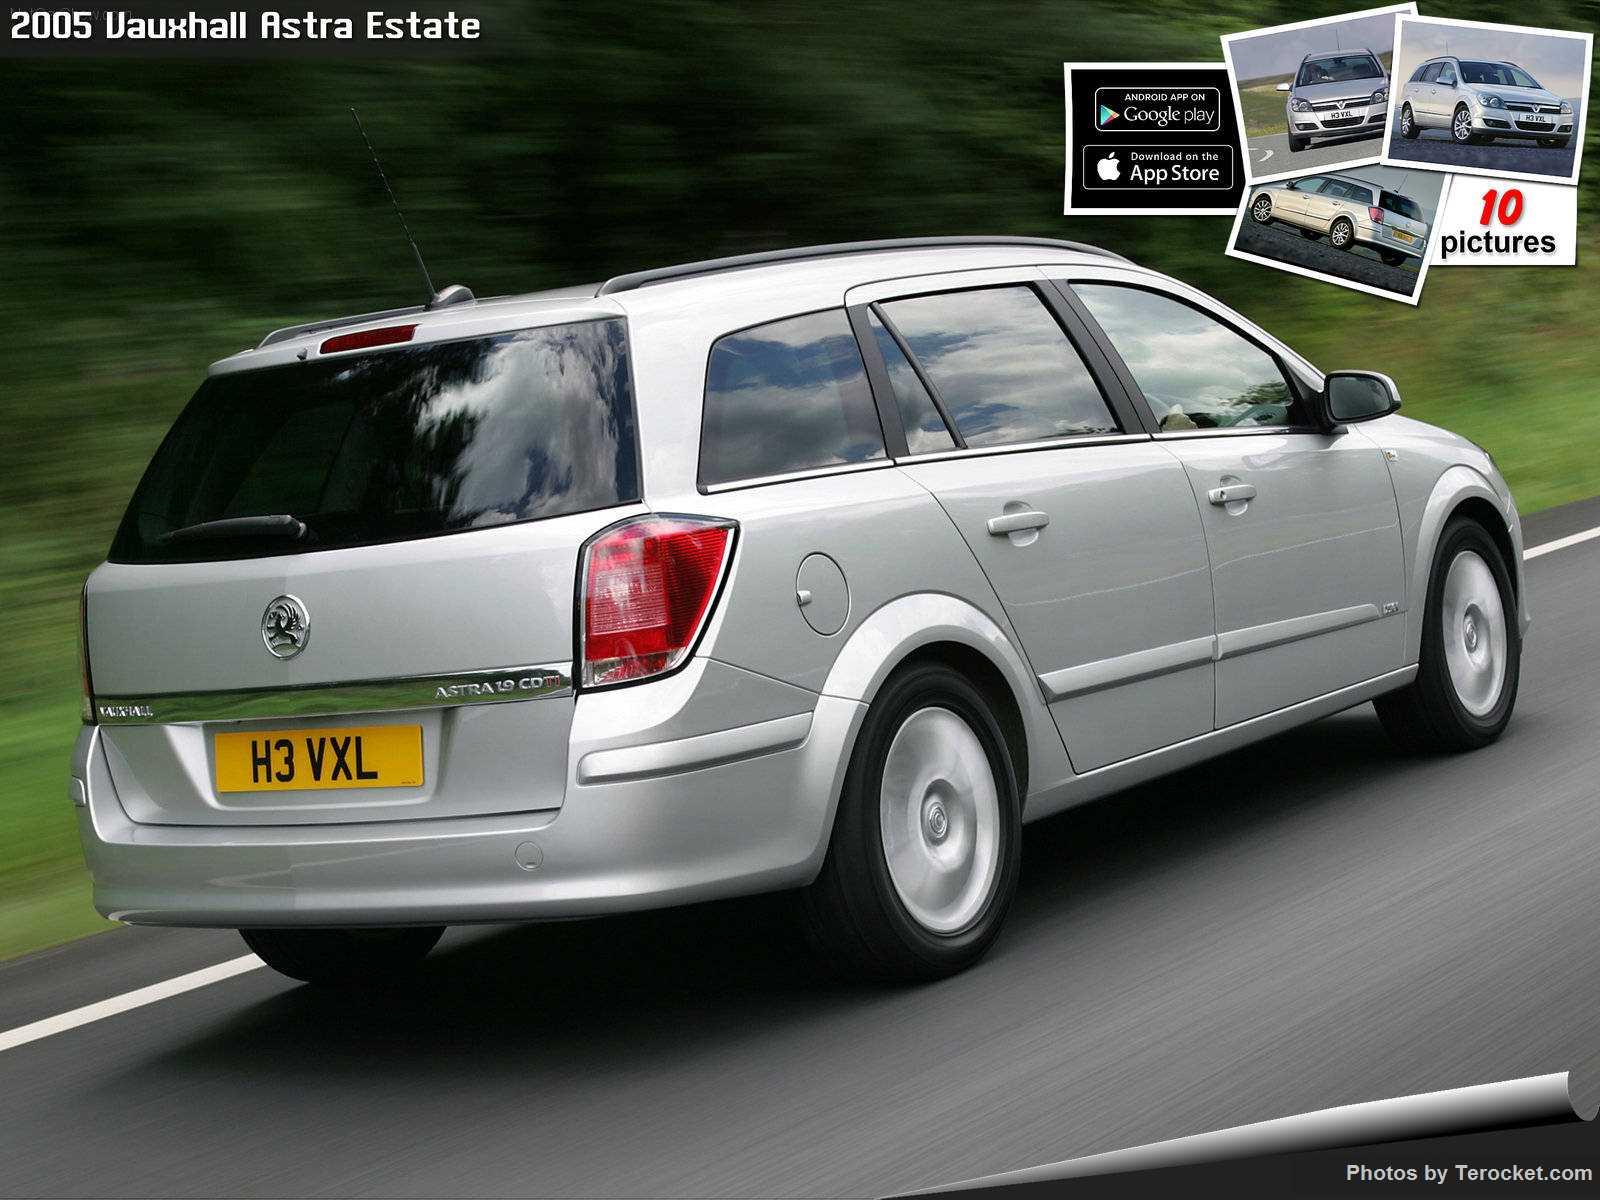 Hình ảnh xe ô tô Vauxhall Astra Estate 2005 & nội ngoại thất